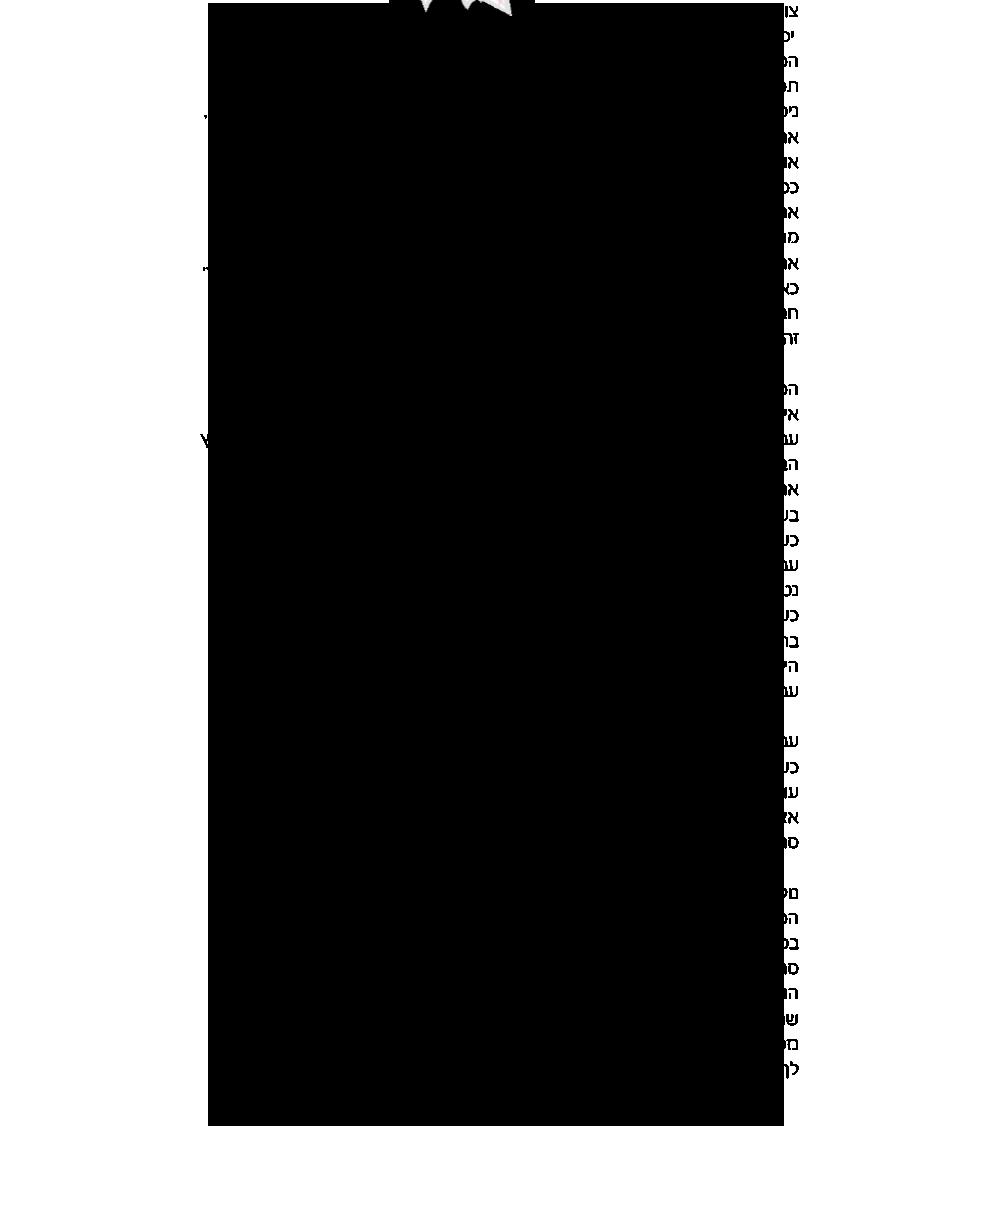 טקסט על צור גליל